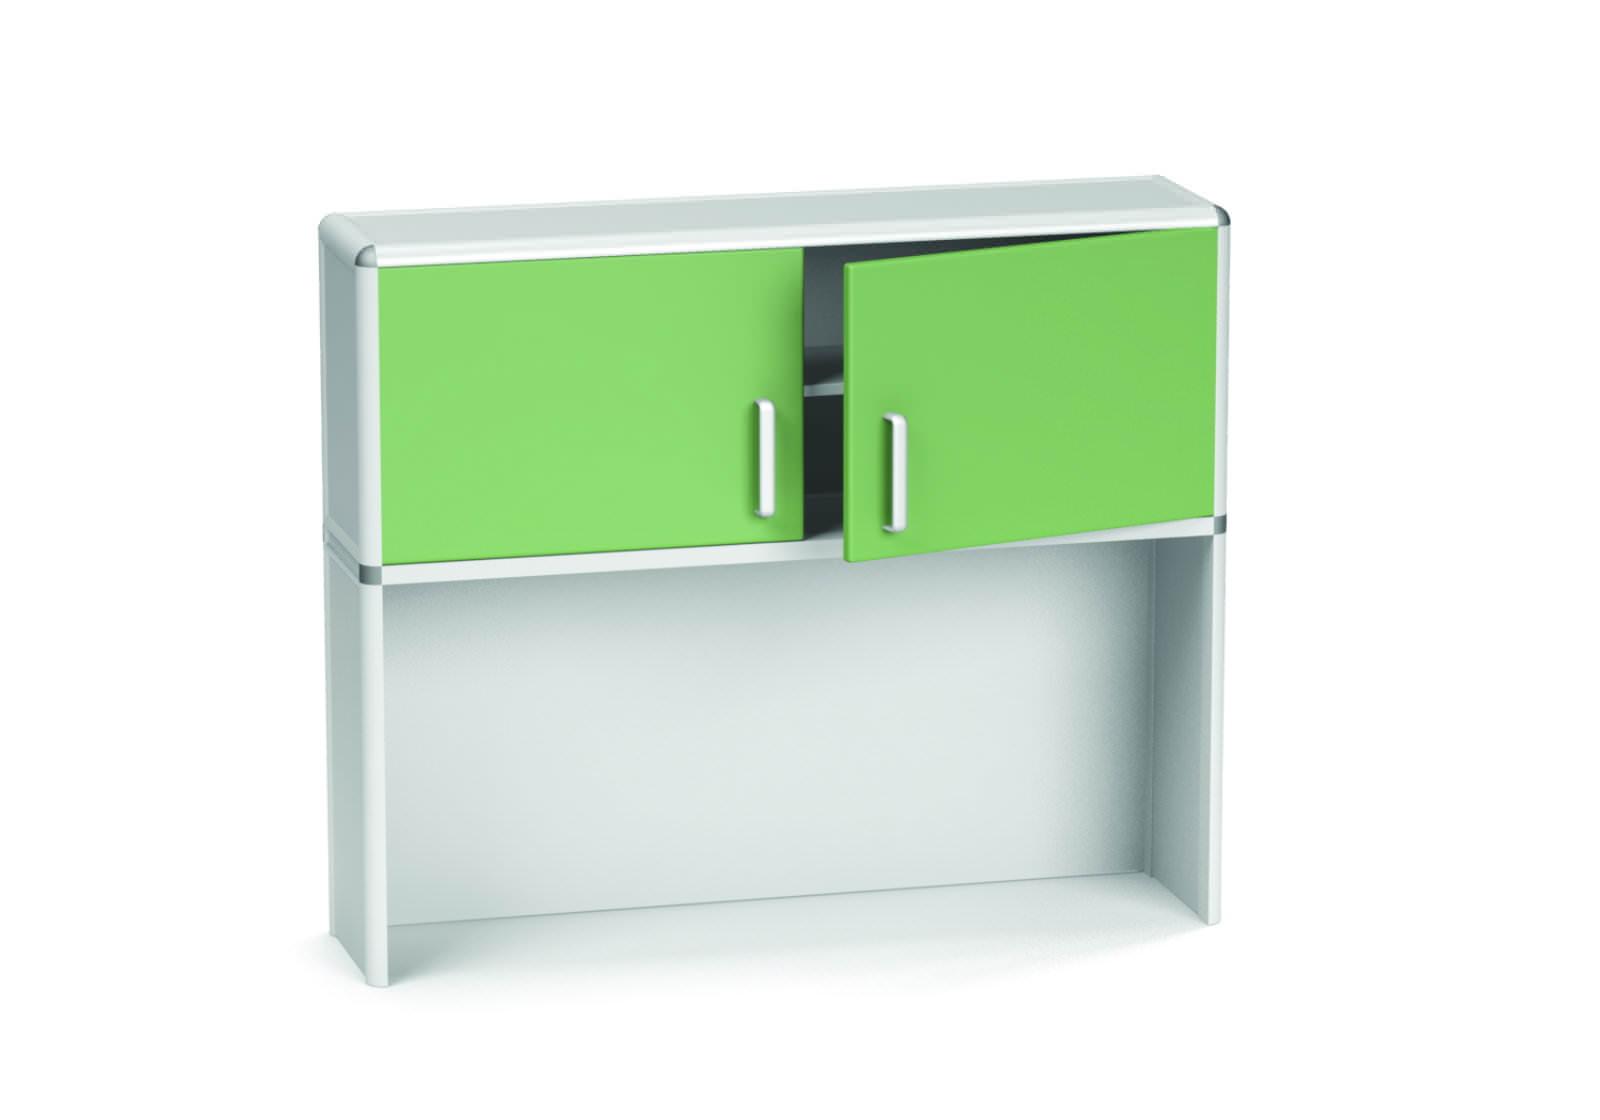 Надставка для стола ДМ-1-013-10